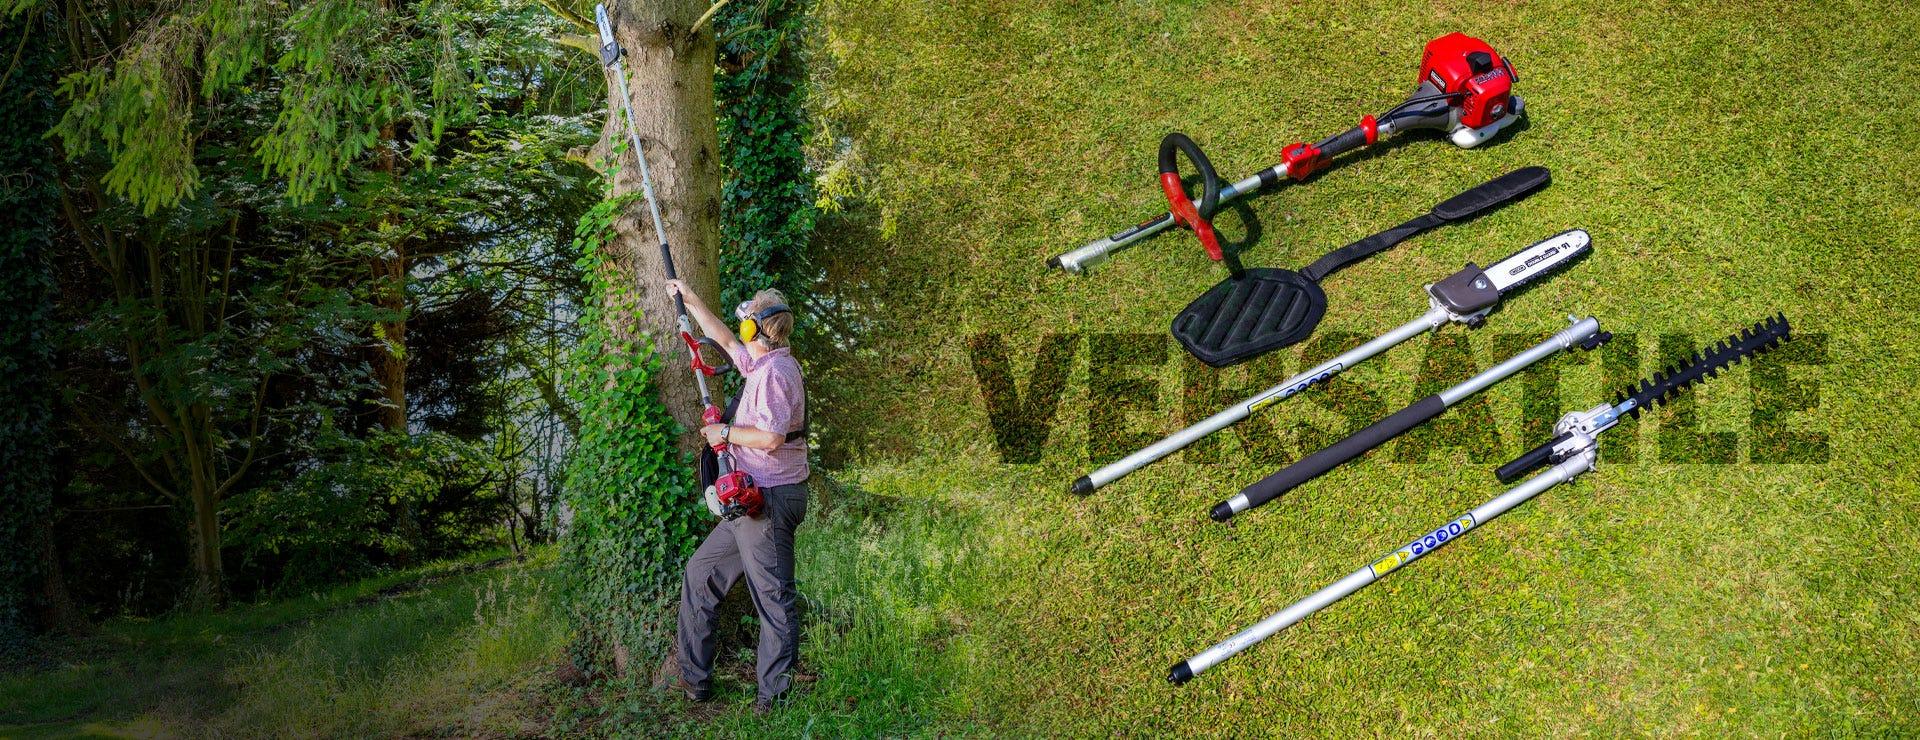 mountfield-lawnmowers